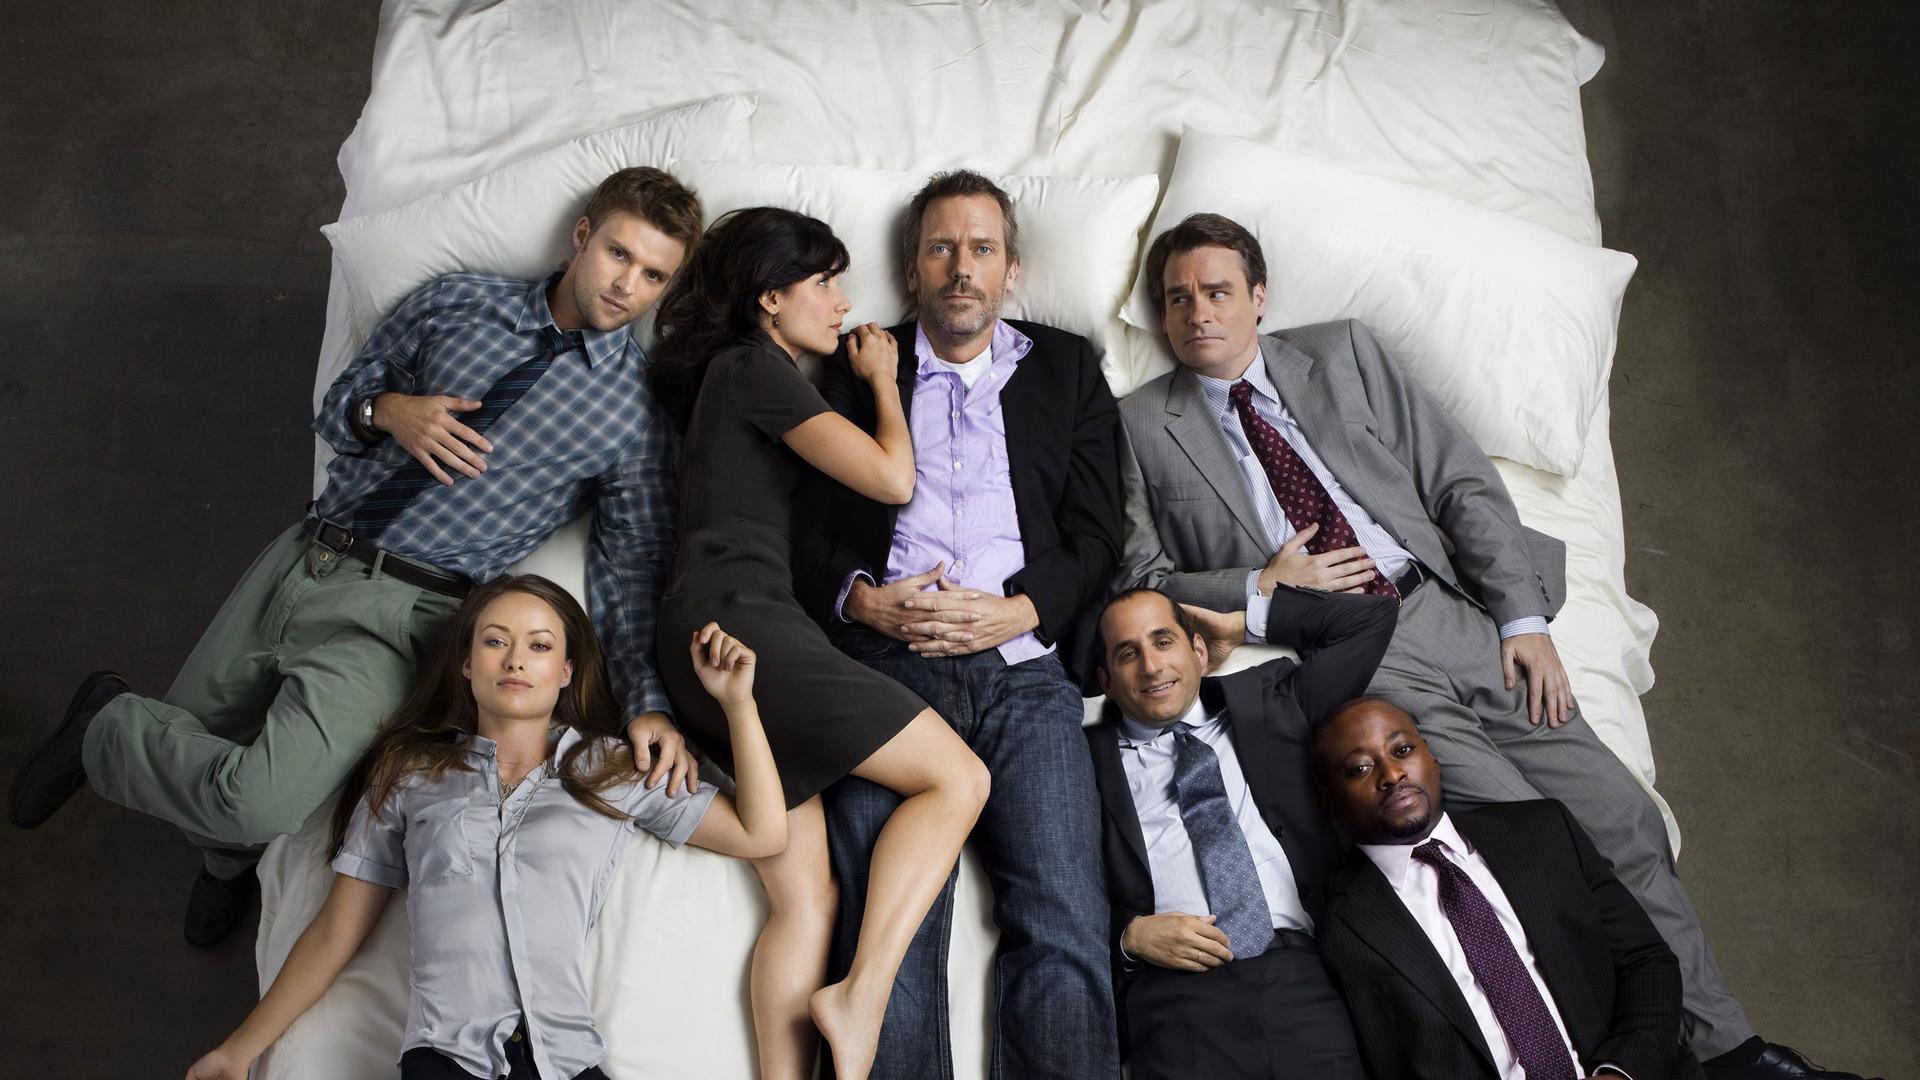 felicidades house cumple diez a os desde su estreno series adictos. Black Bedroom Furniture Sets. Home Design Ideas